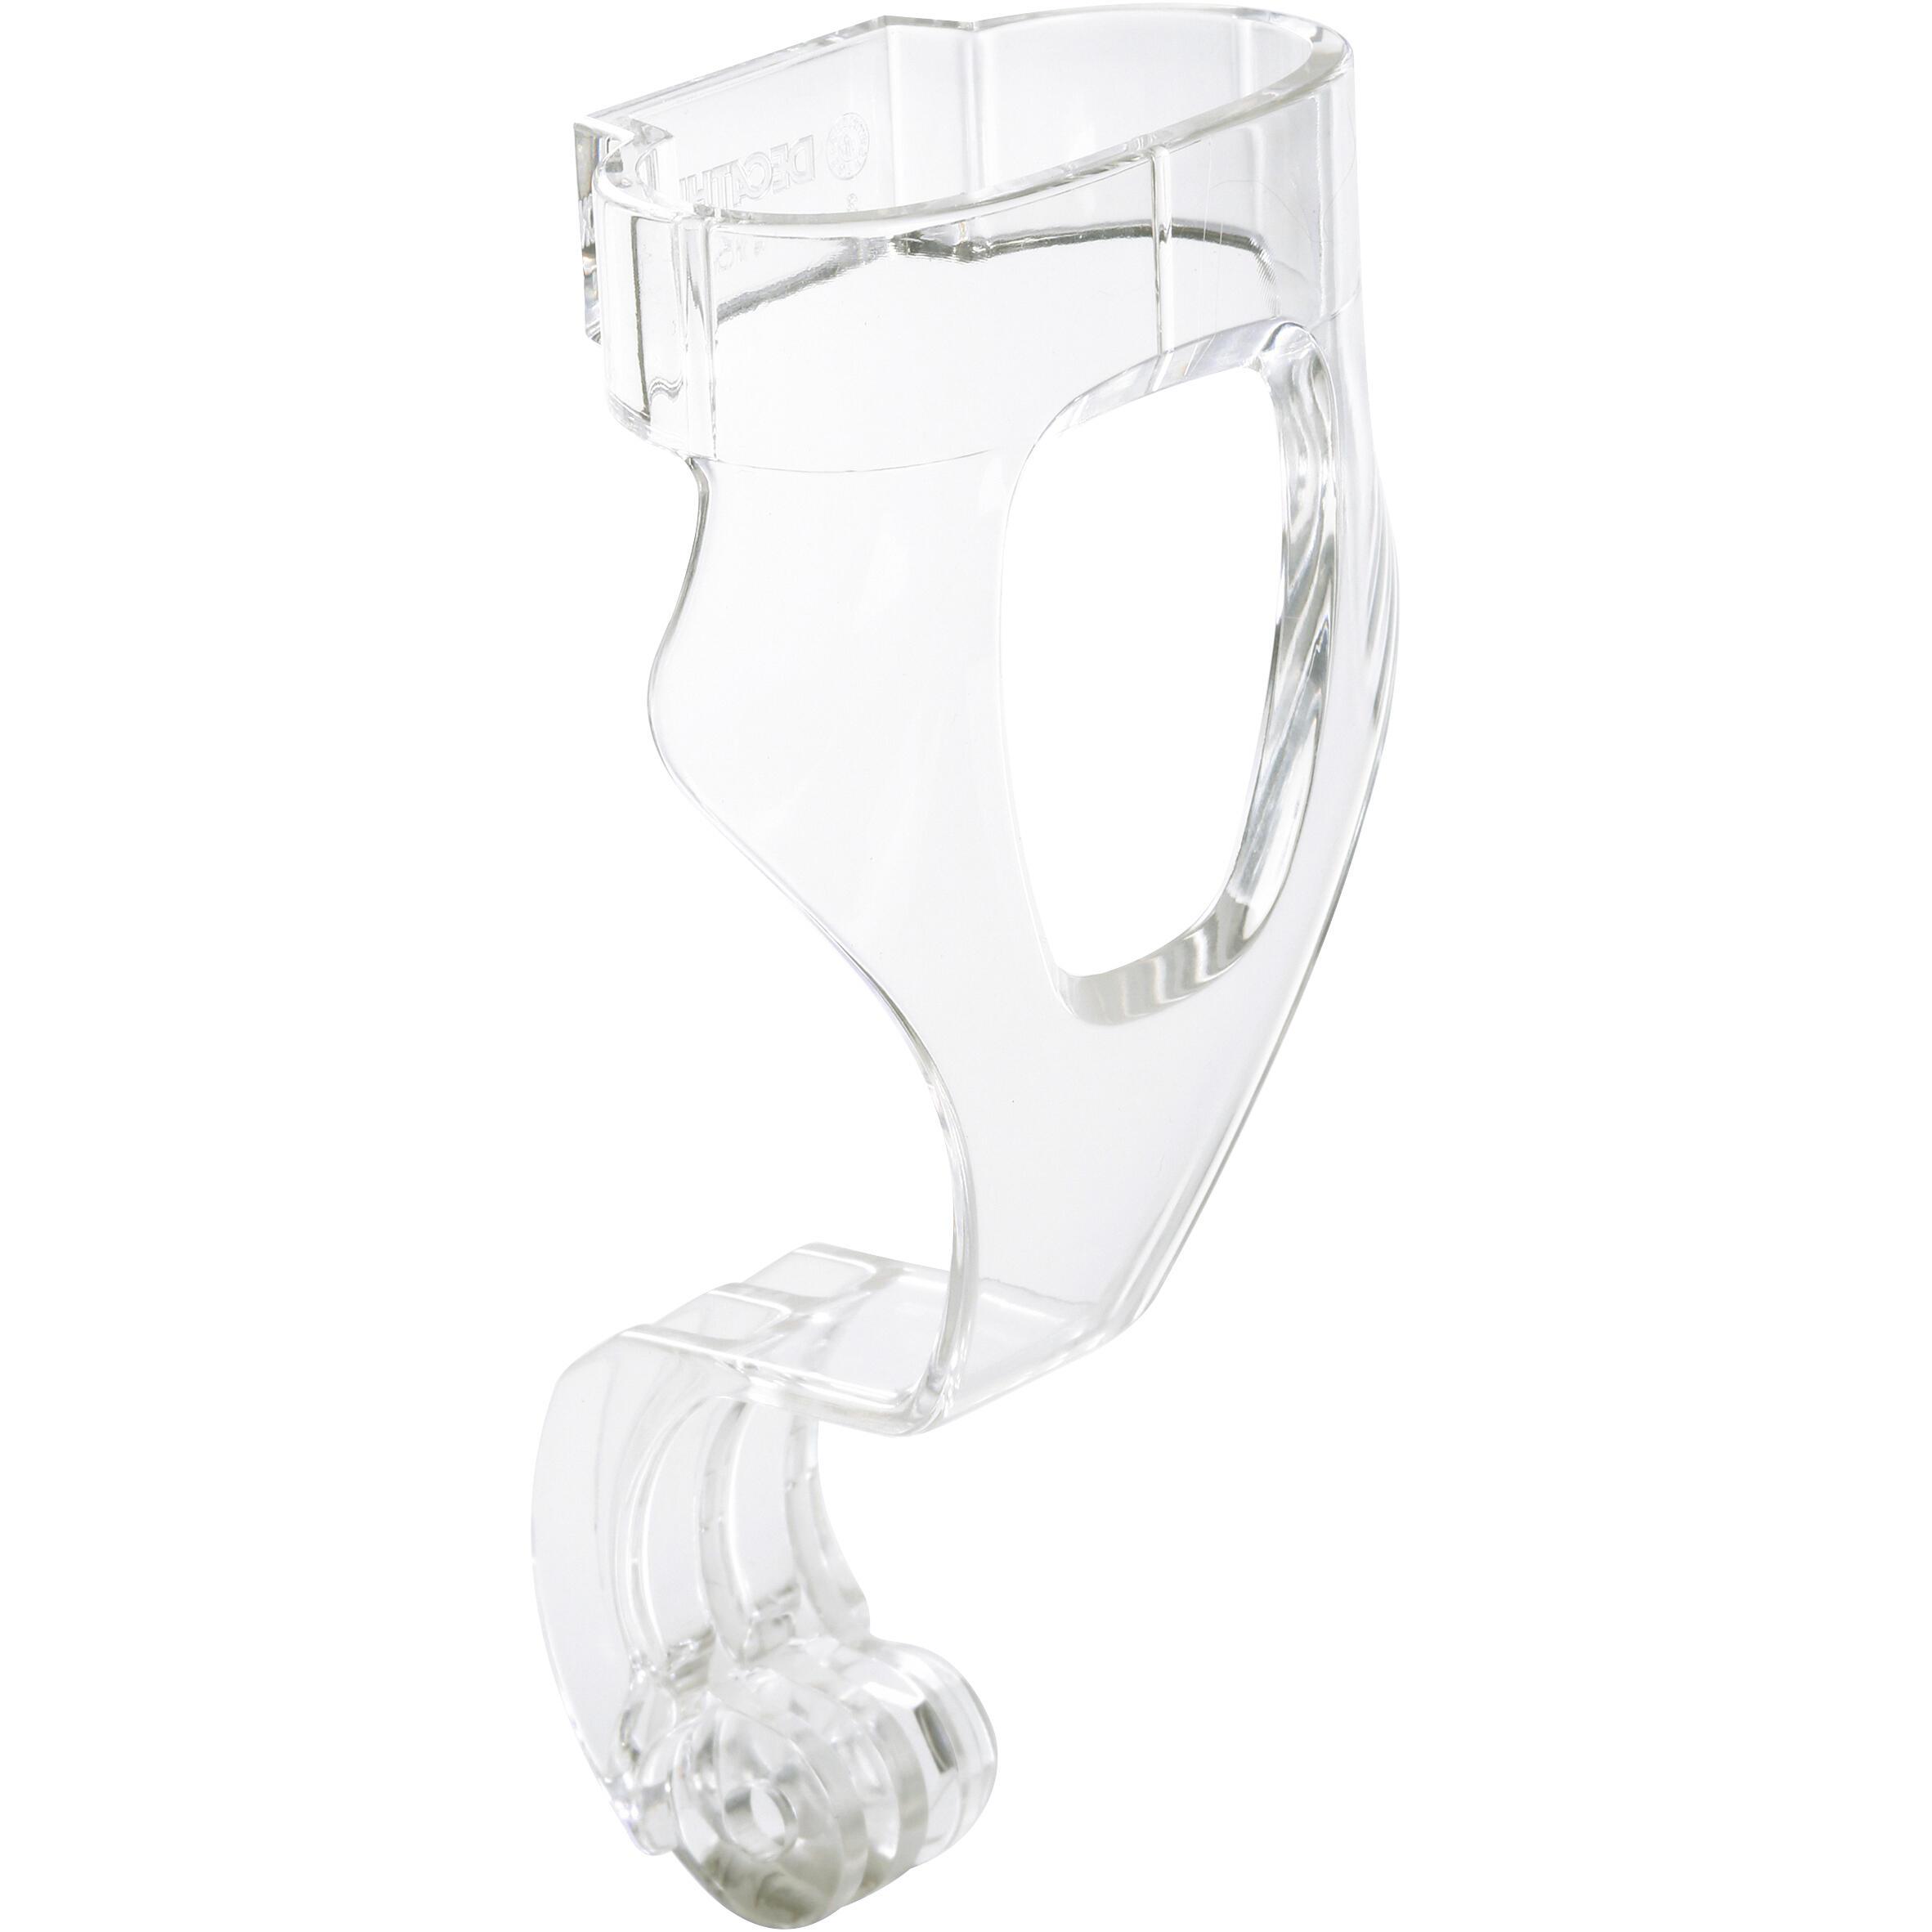 Subea Camerabevestiging voor snorkelmasker Easybreath transparant met moer. kopen